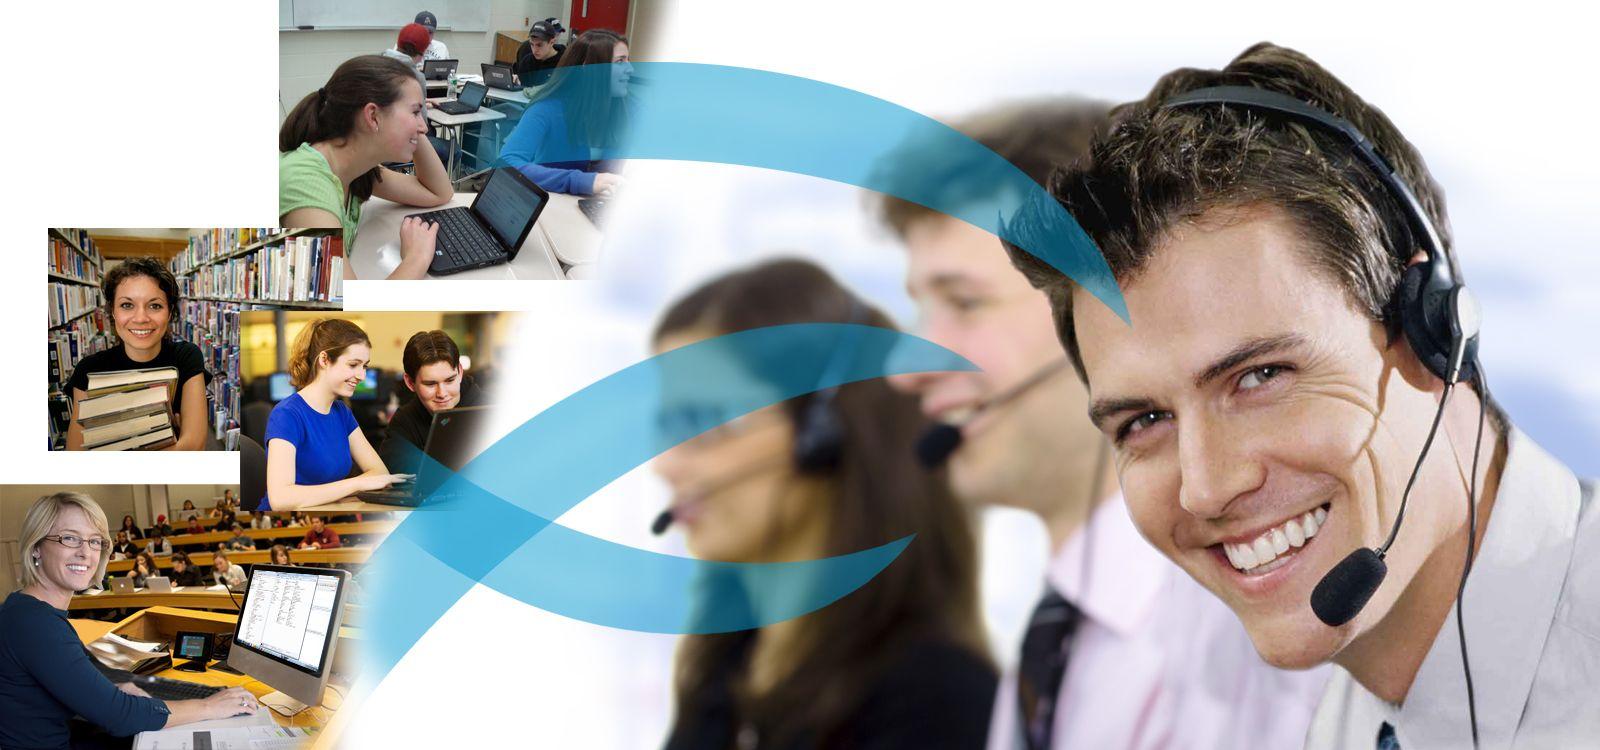 Pluralsight miễn phí 7000 khóa học công nghệ online tại nhà